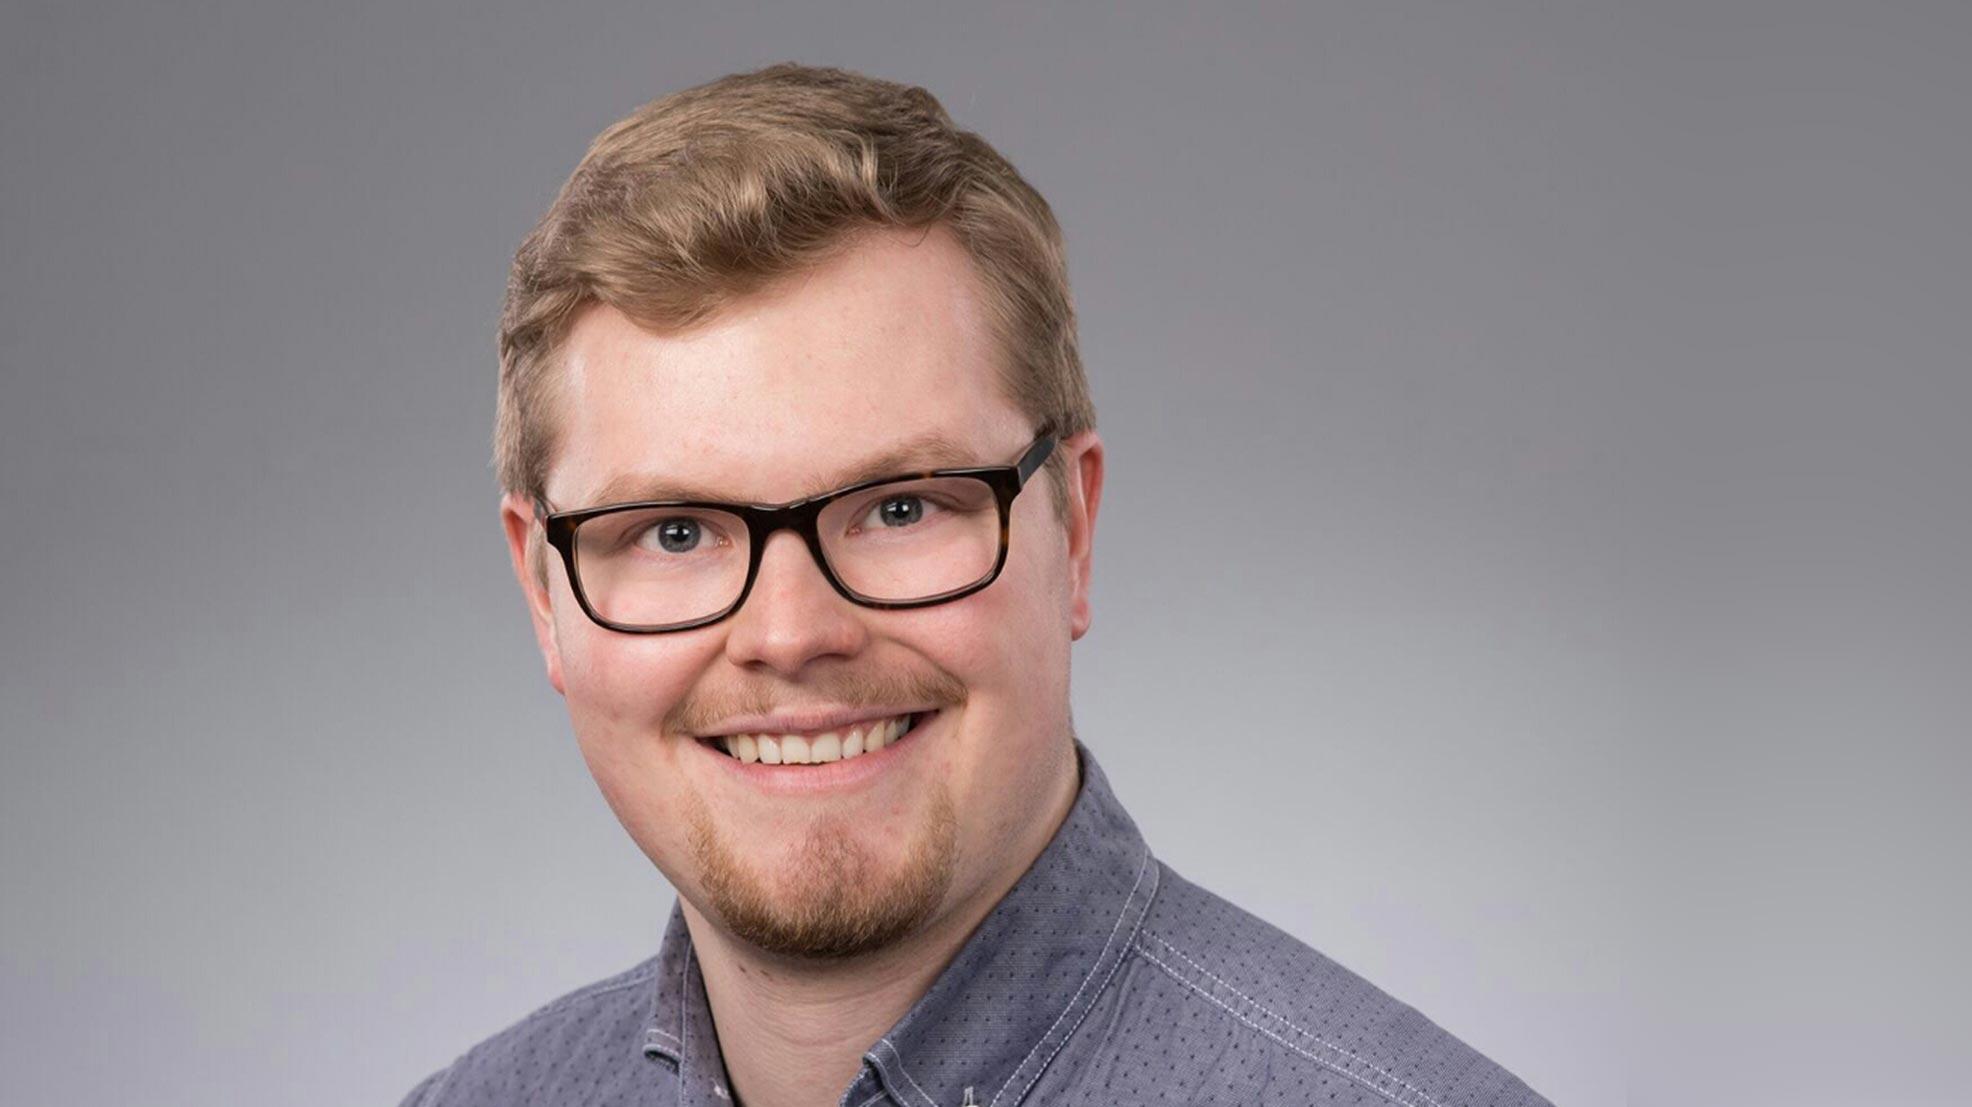 SAK:n uusi järjestöasiantuntija Jussi Kukkola